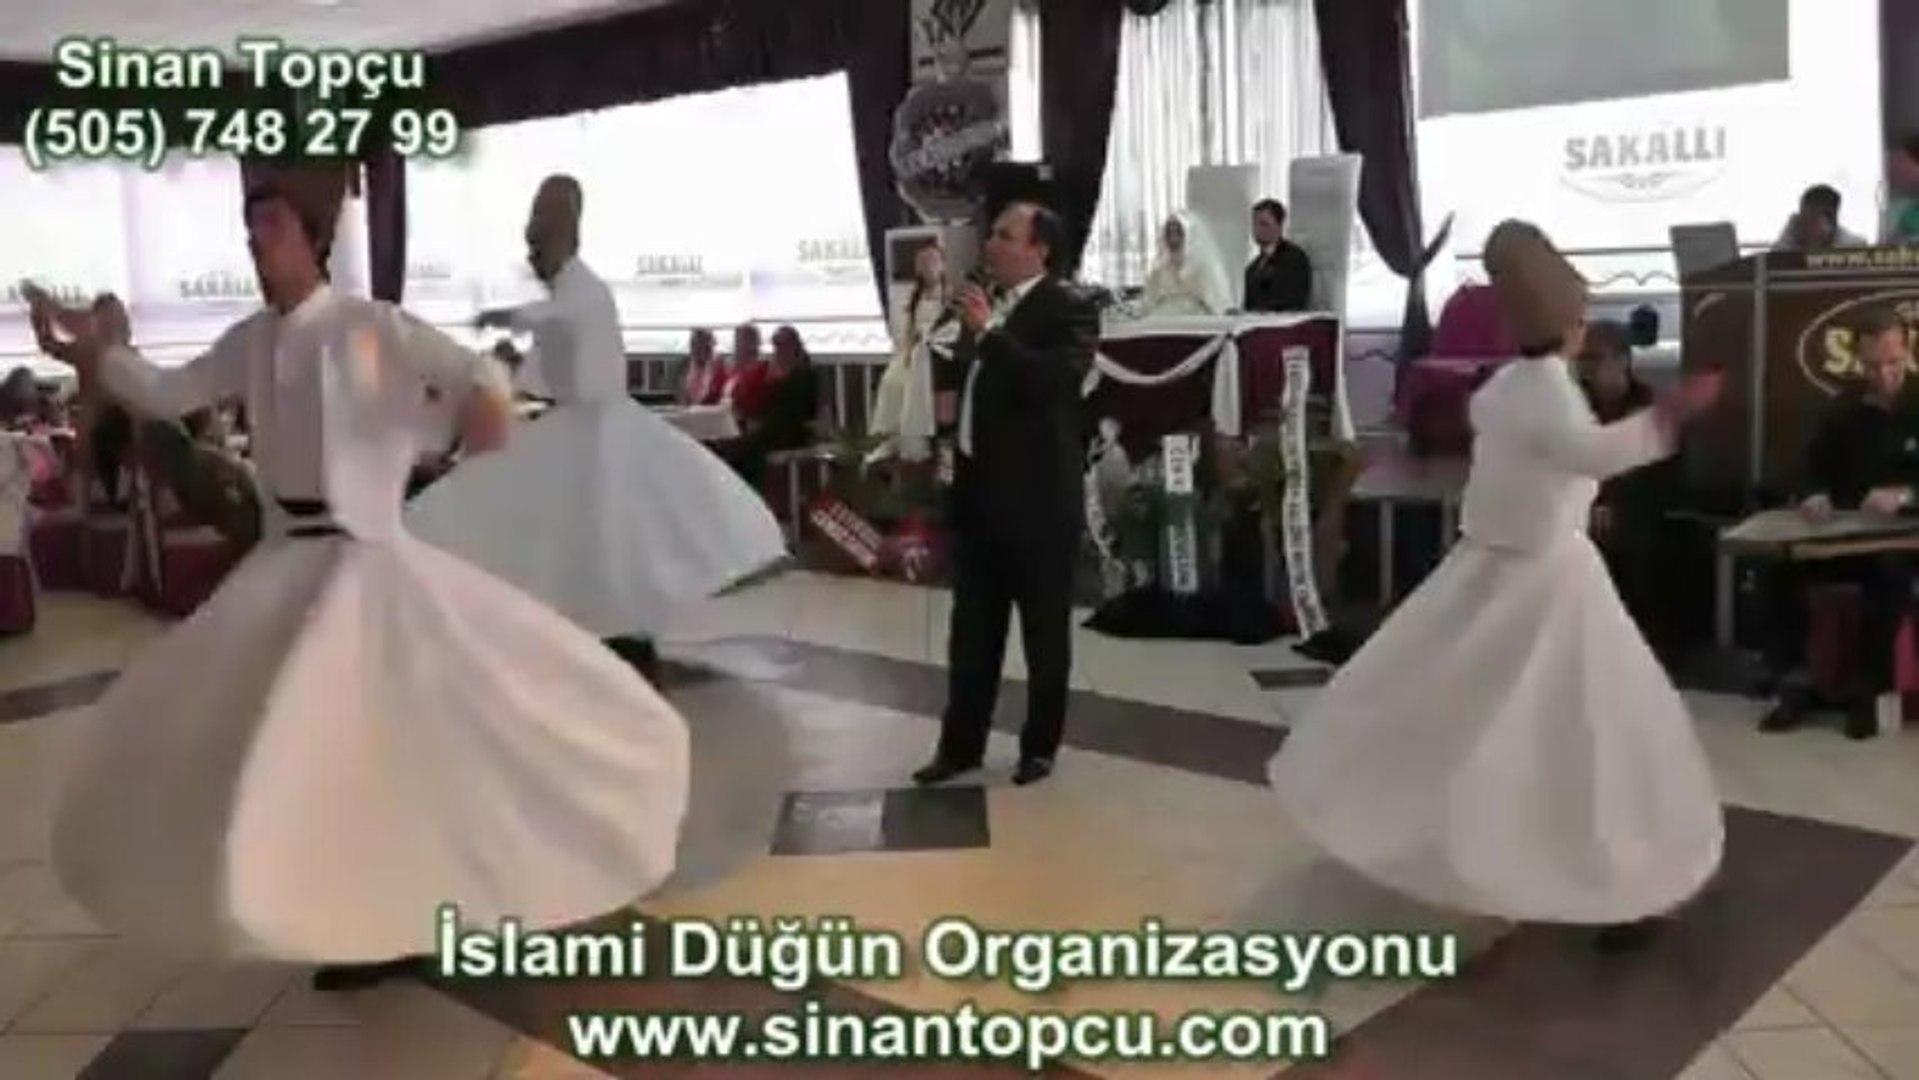 islami düğün organizasyonu, ilahili düğün organizasyonu, islami düğünler, ankara ilahi grupları